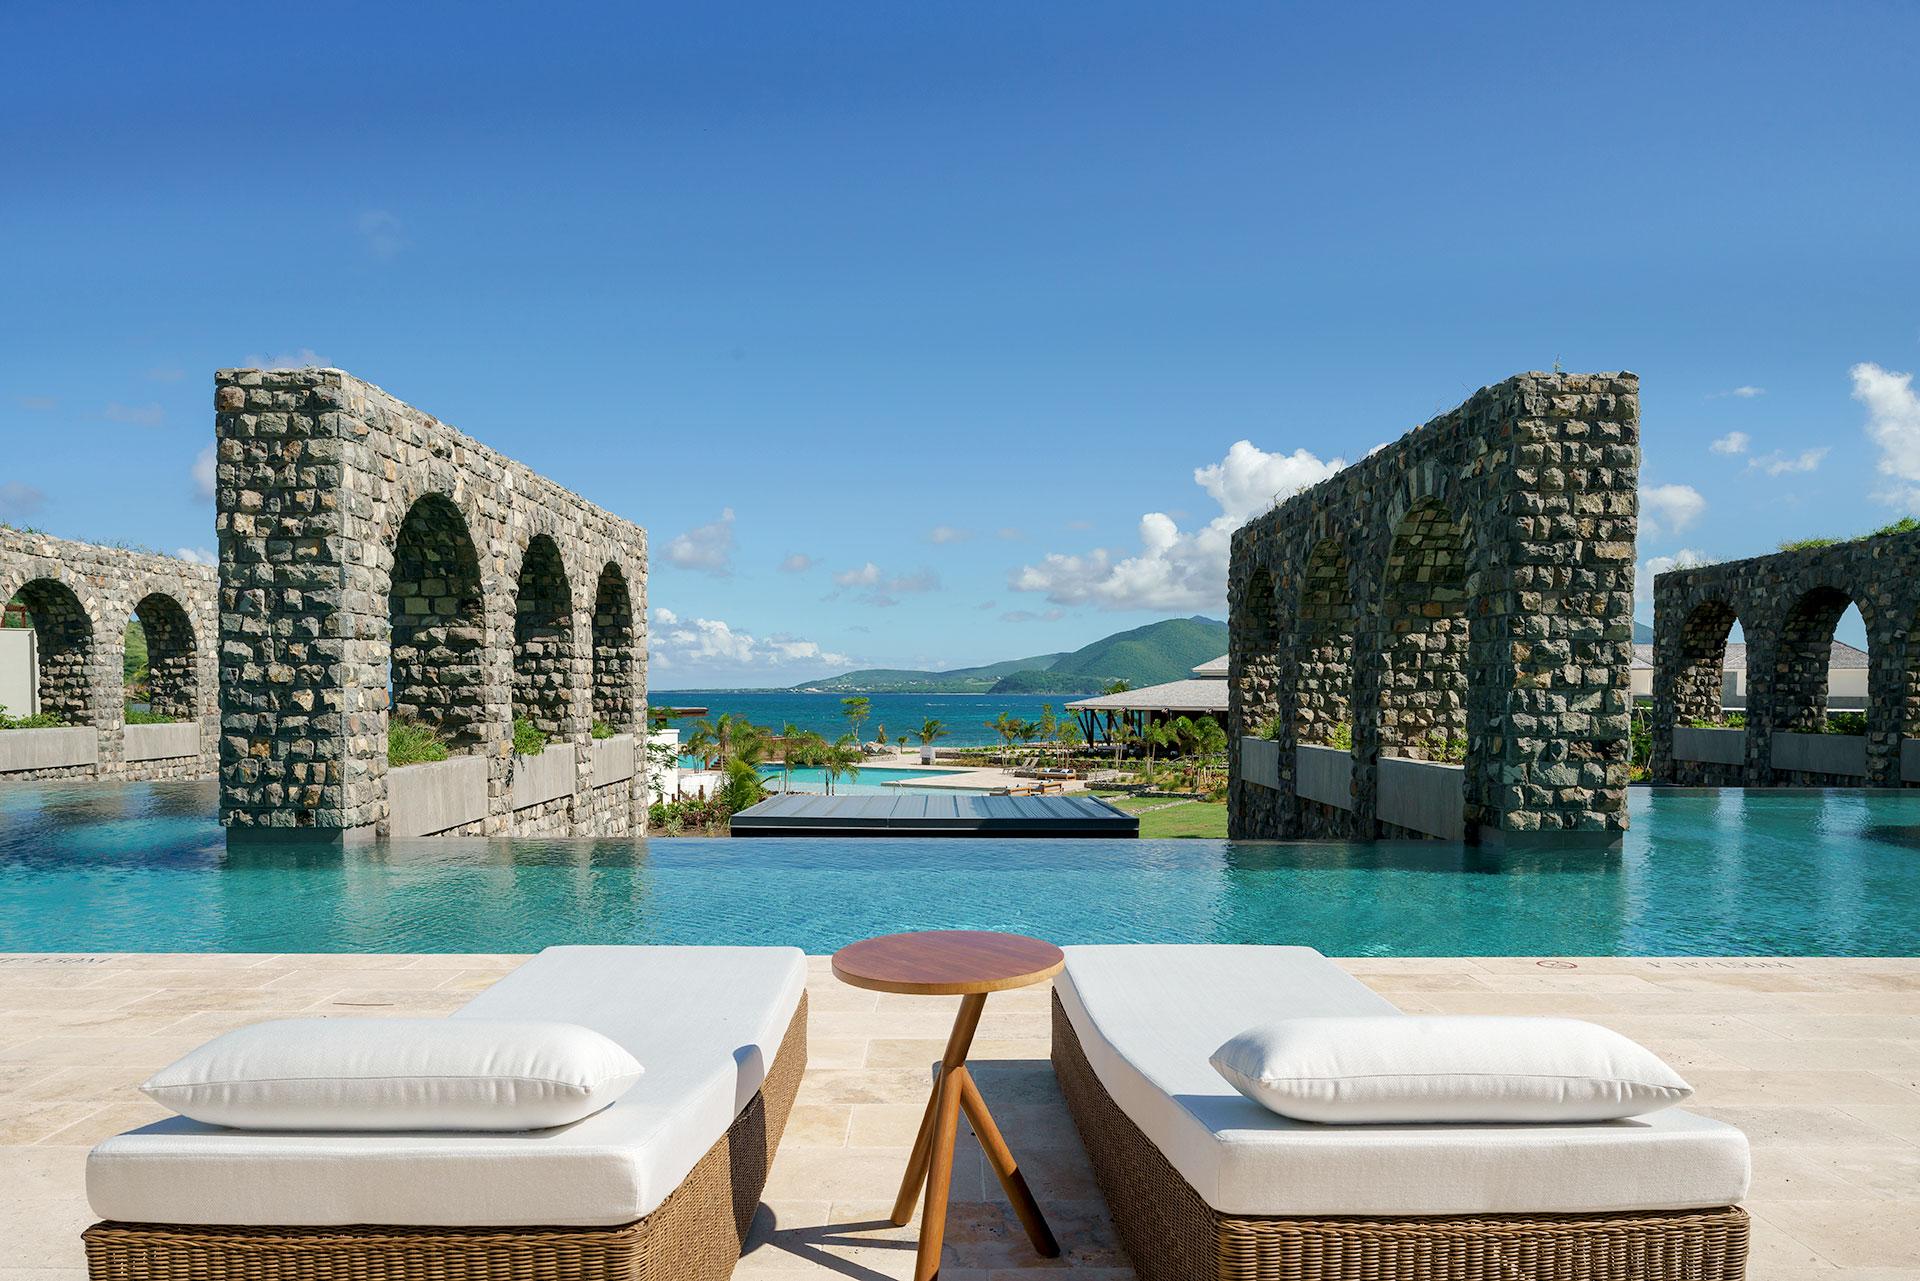 PARK HYATT ST. KITTS - boutique hotel in St Kitts and Nevis